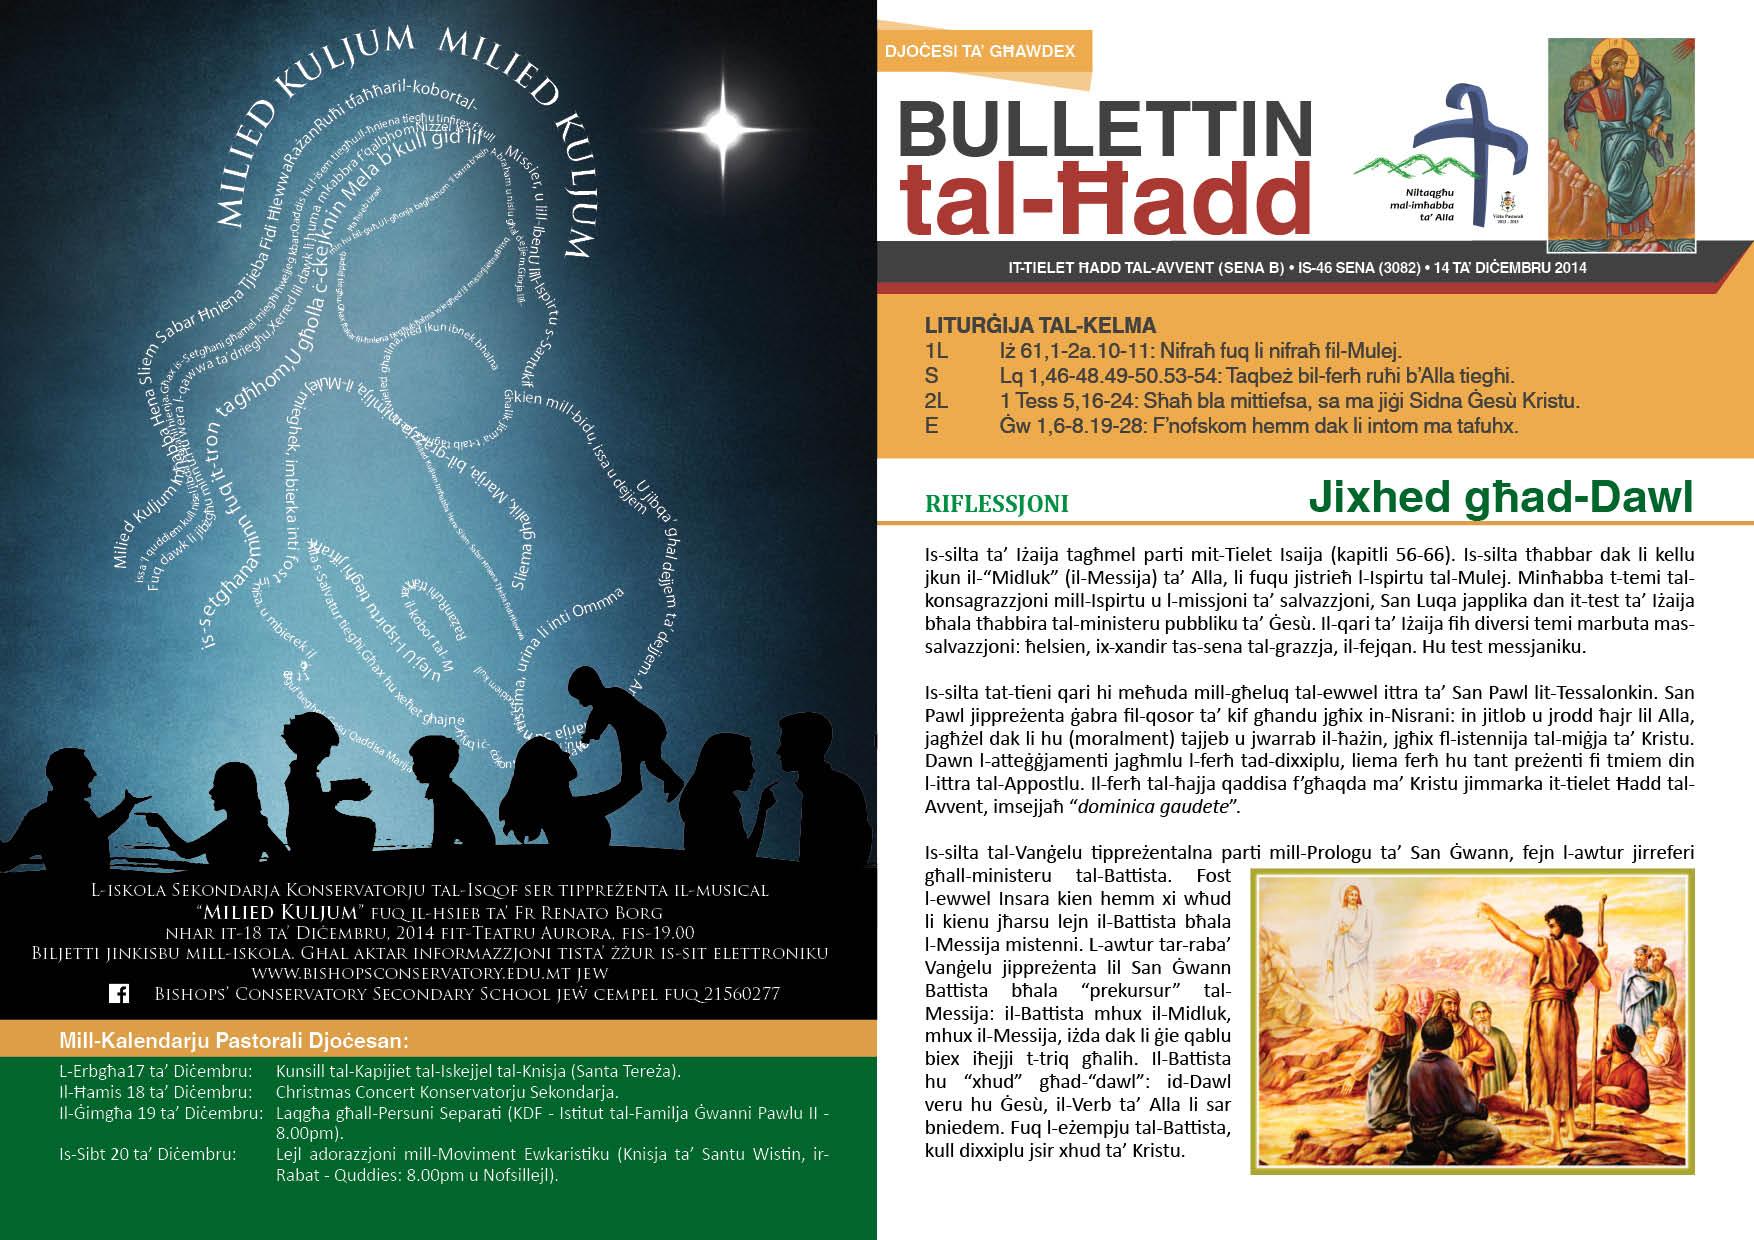 bullettin-2014-dicembru-14.jpg